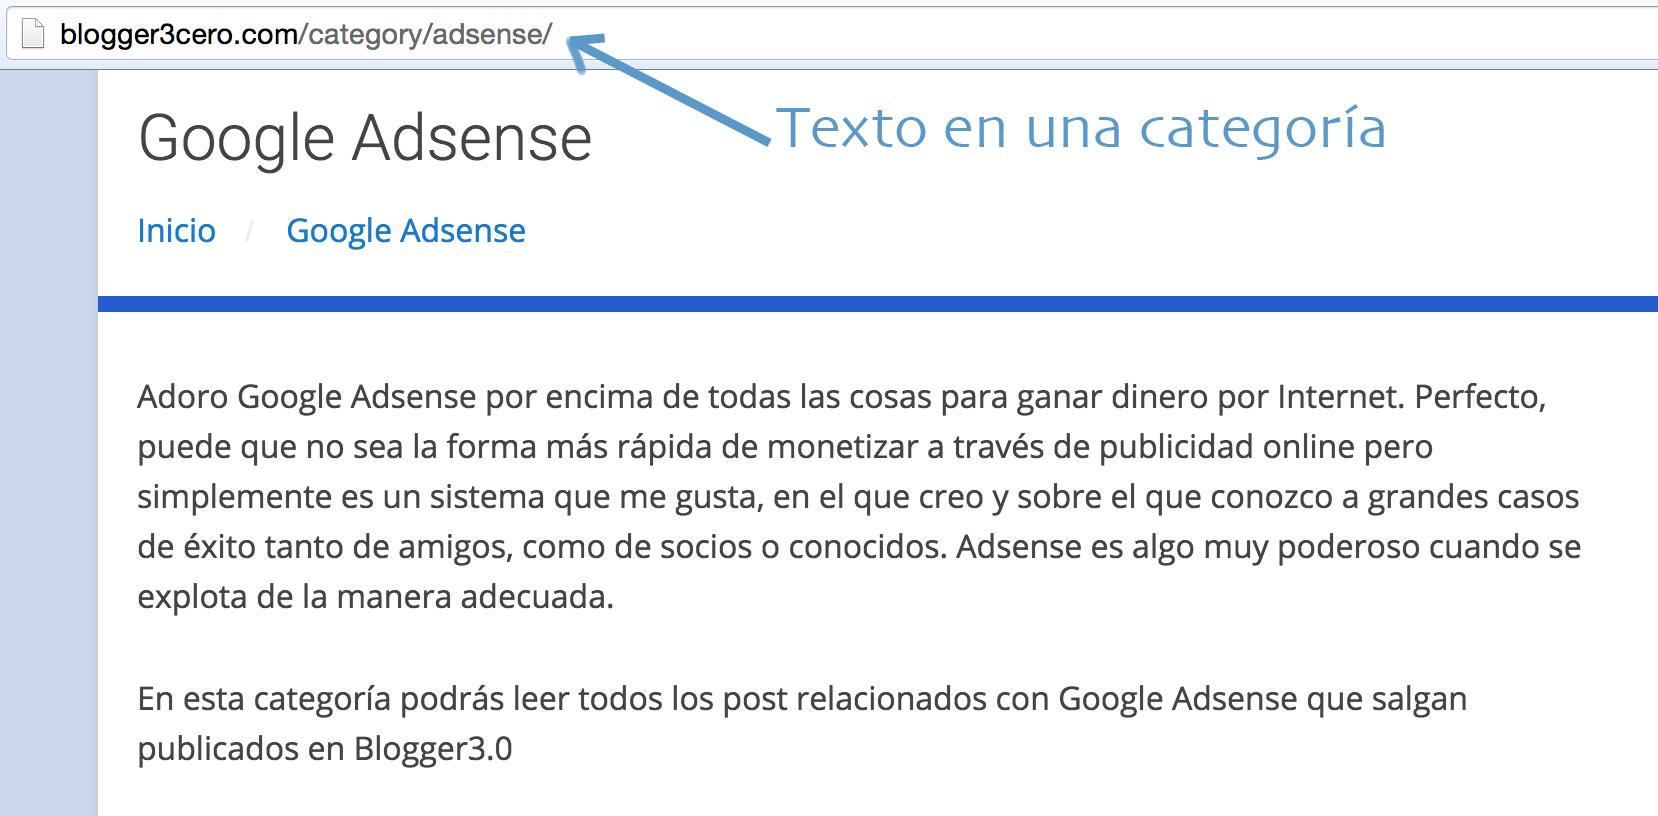 texto-categoria-adsense